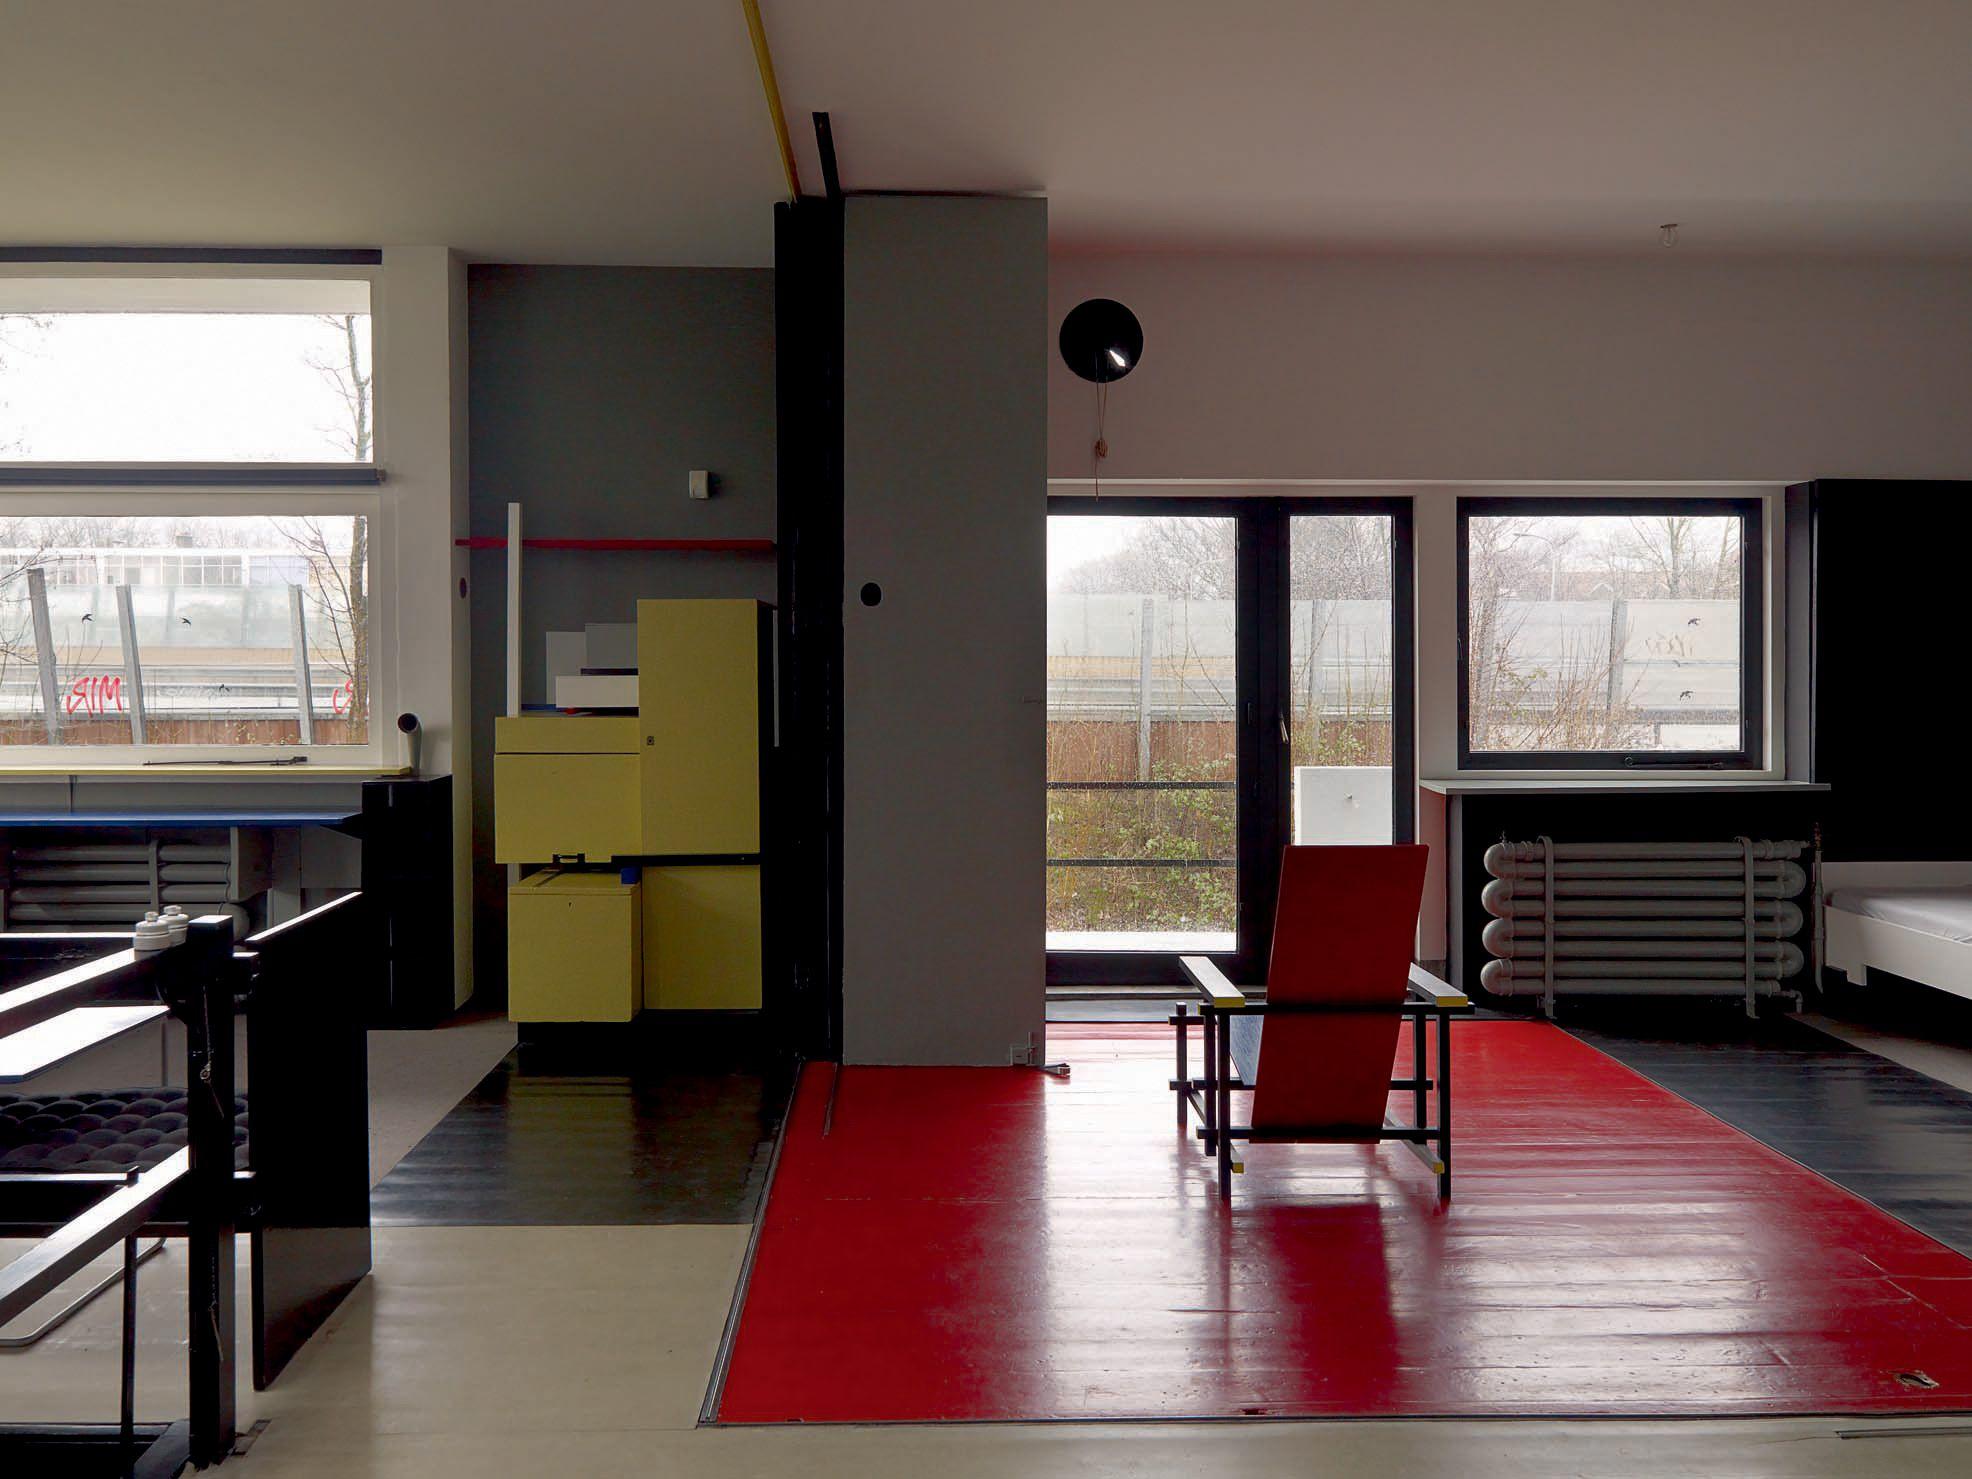 intrieur bauhaus architecture gerrit thomas rietveld schroder house utrecht 1924 architecture rietveld salle